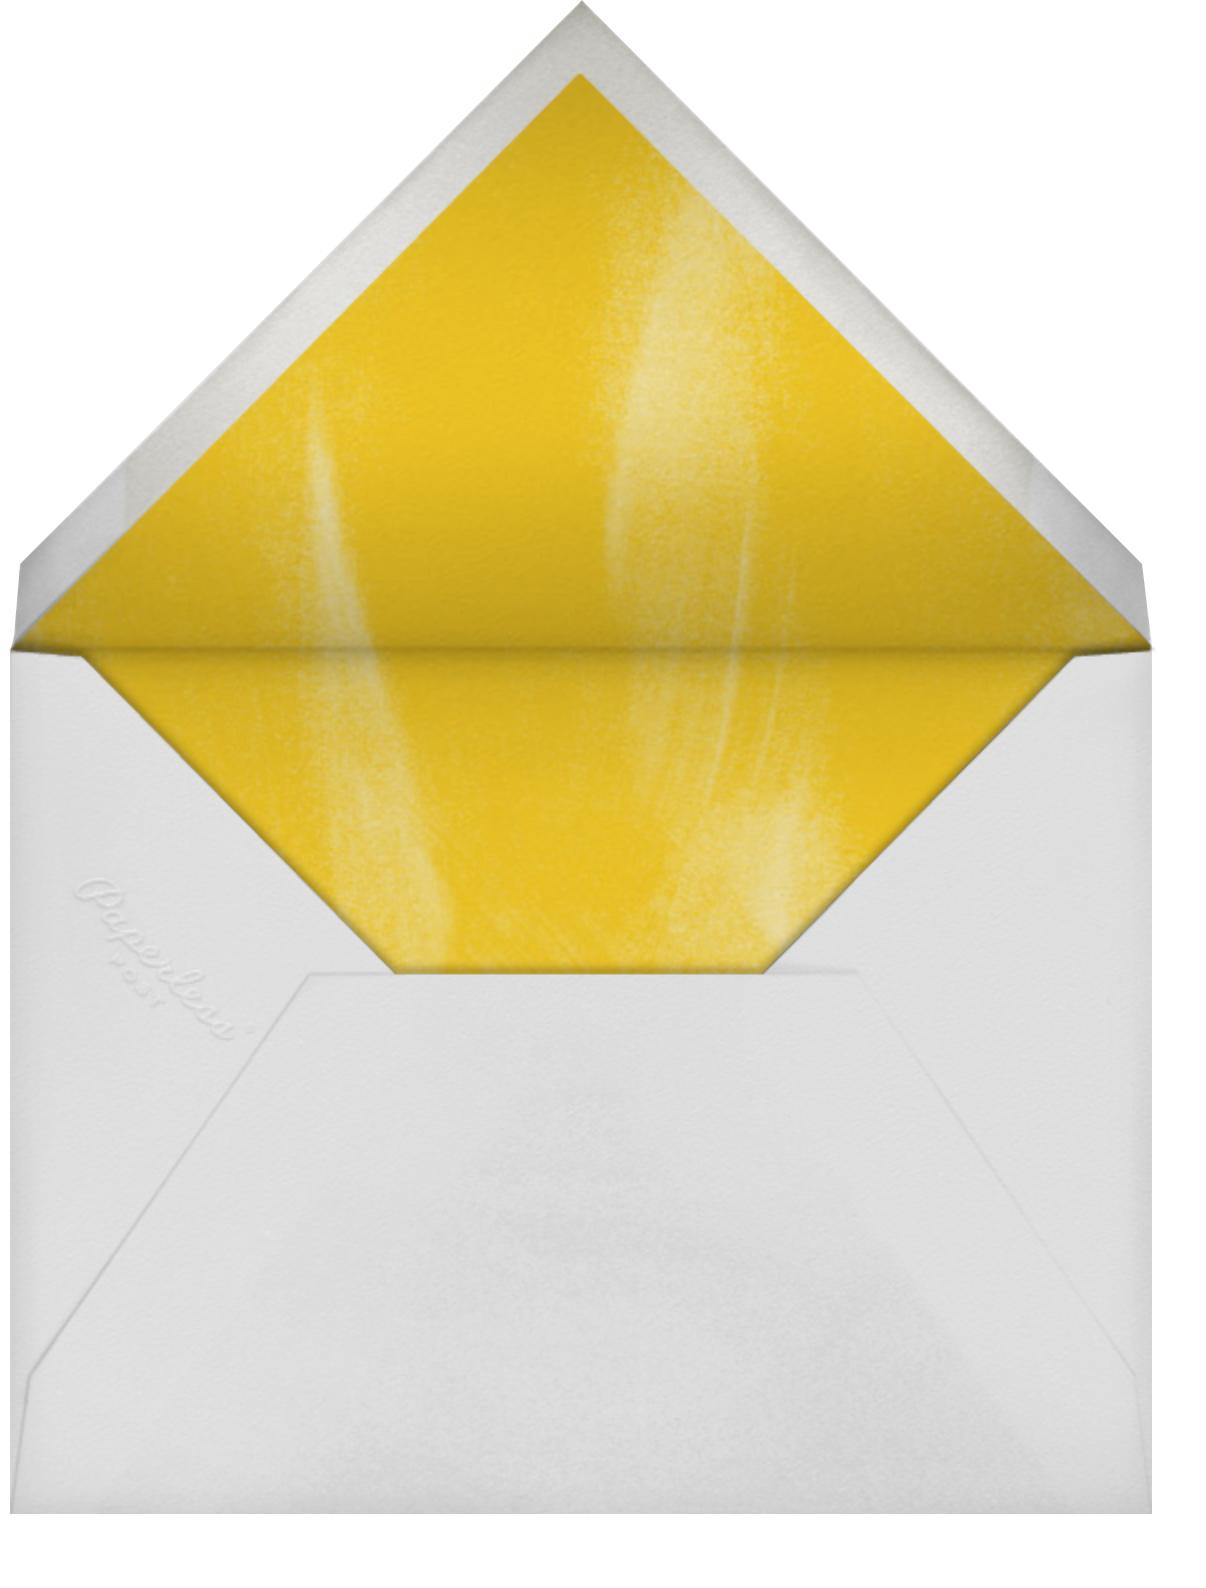 Autumn Table - Felix Doolittle - Envelope